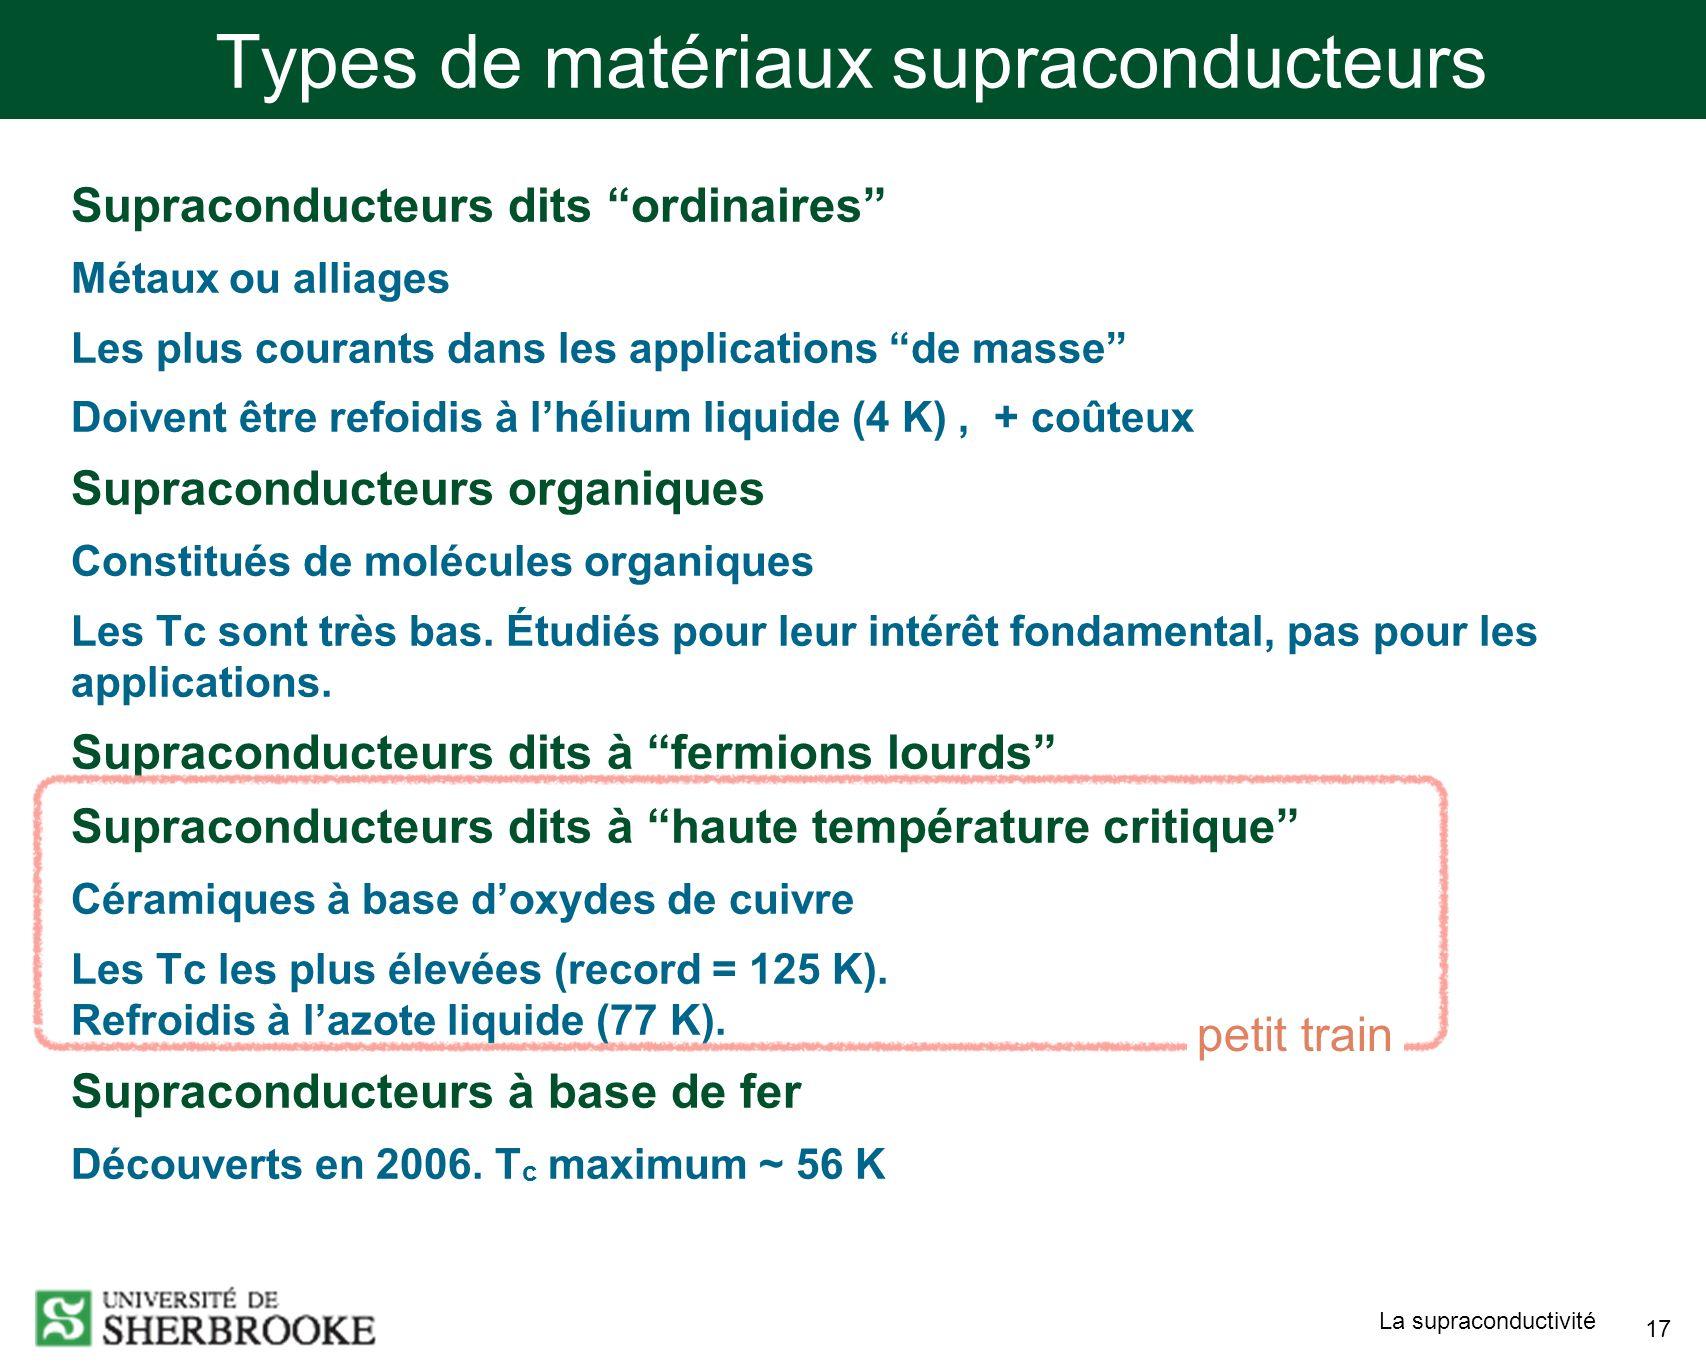 Types de matériaux supraconducteurs